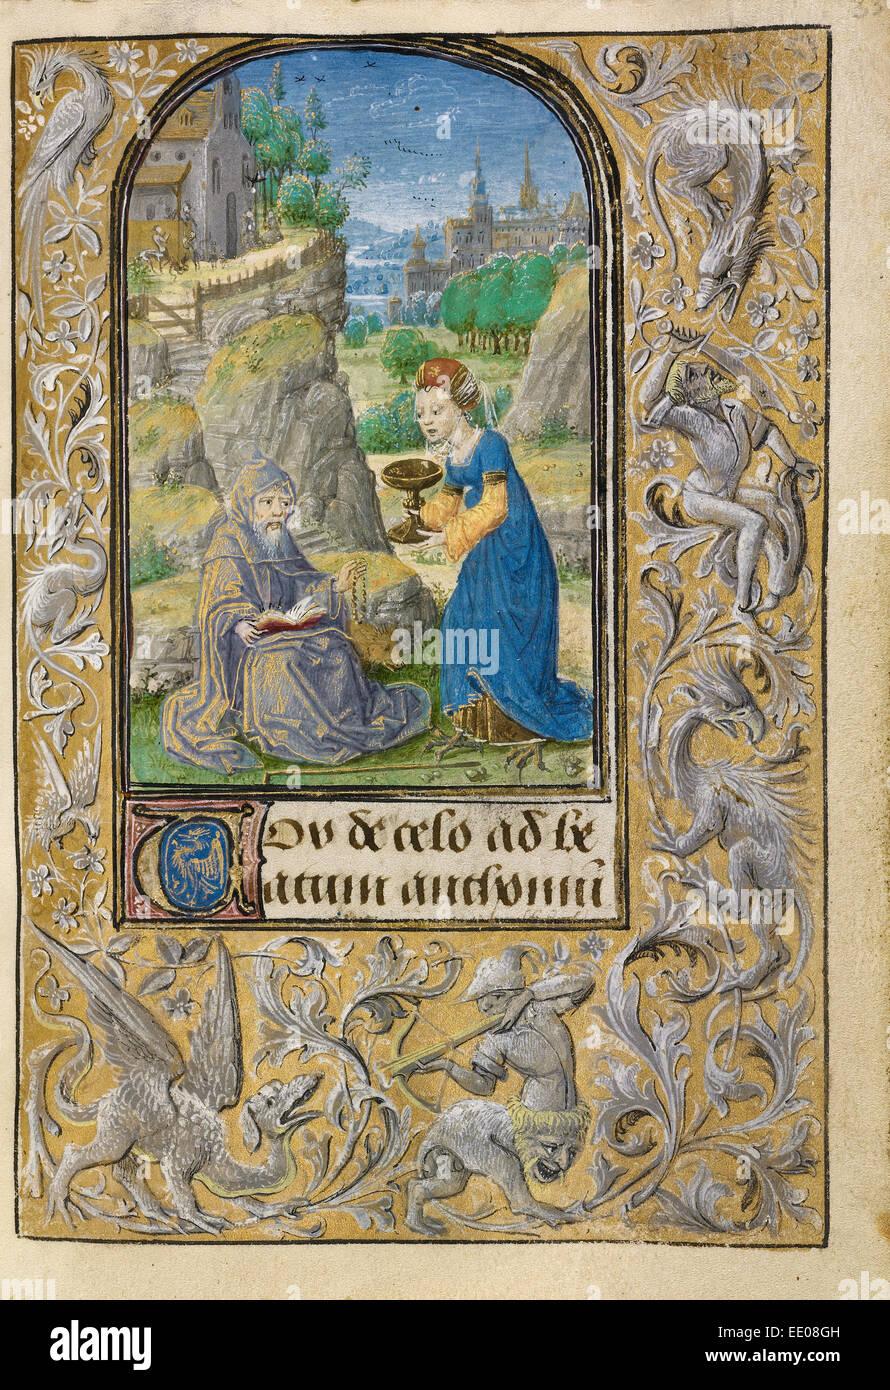 La Tentation de Saint Antoine; Lieven Van Lathem, flamand, environ 1430 - 1493, 1454 - 1493; active Photo Stock